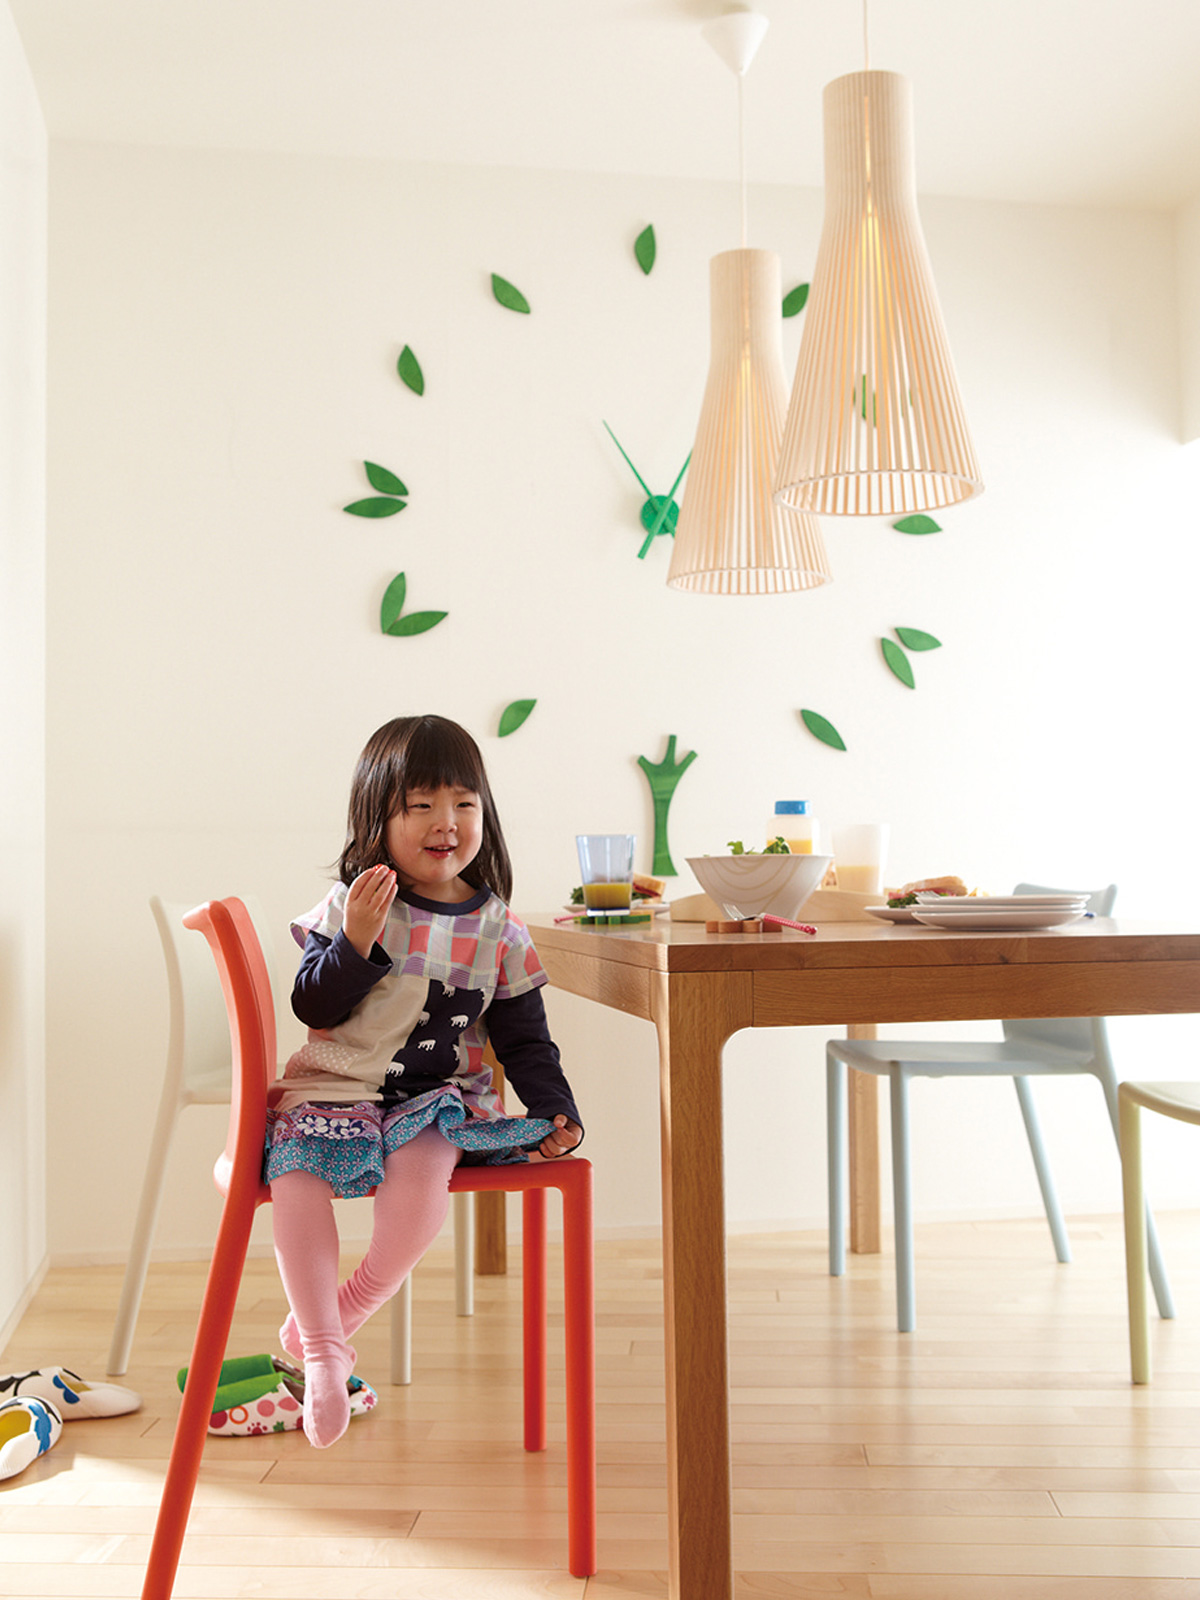 Full Size of Moderne Kchenlampen Bei Designort Teil 3 Designortcom Wohnzimmer Küchenlampen